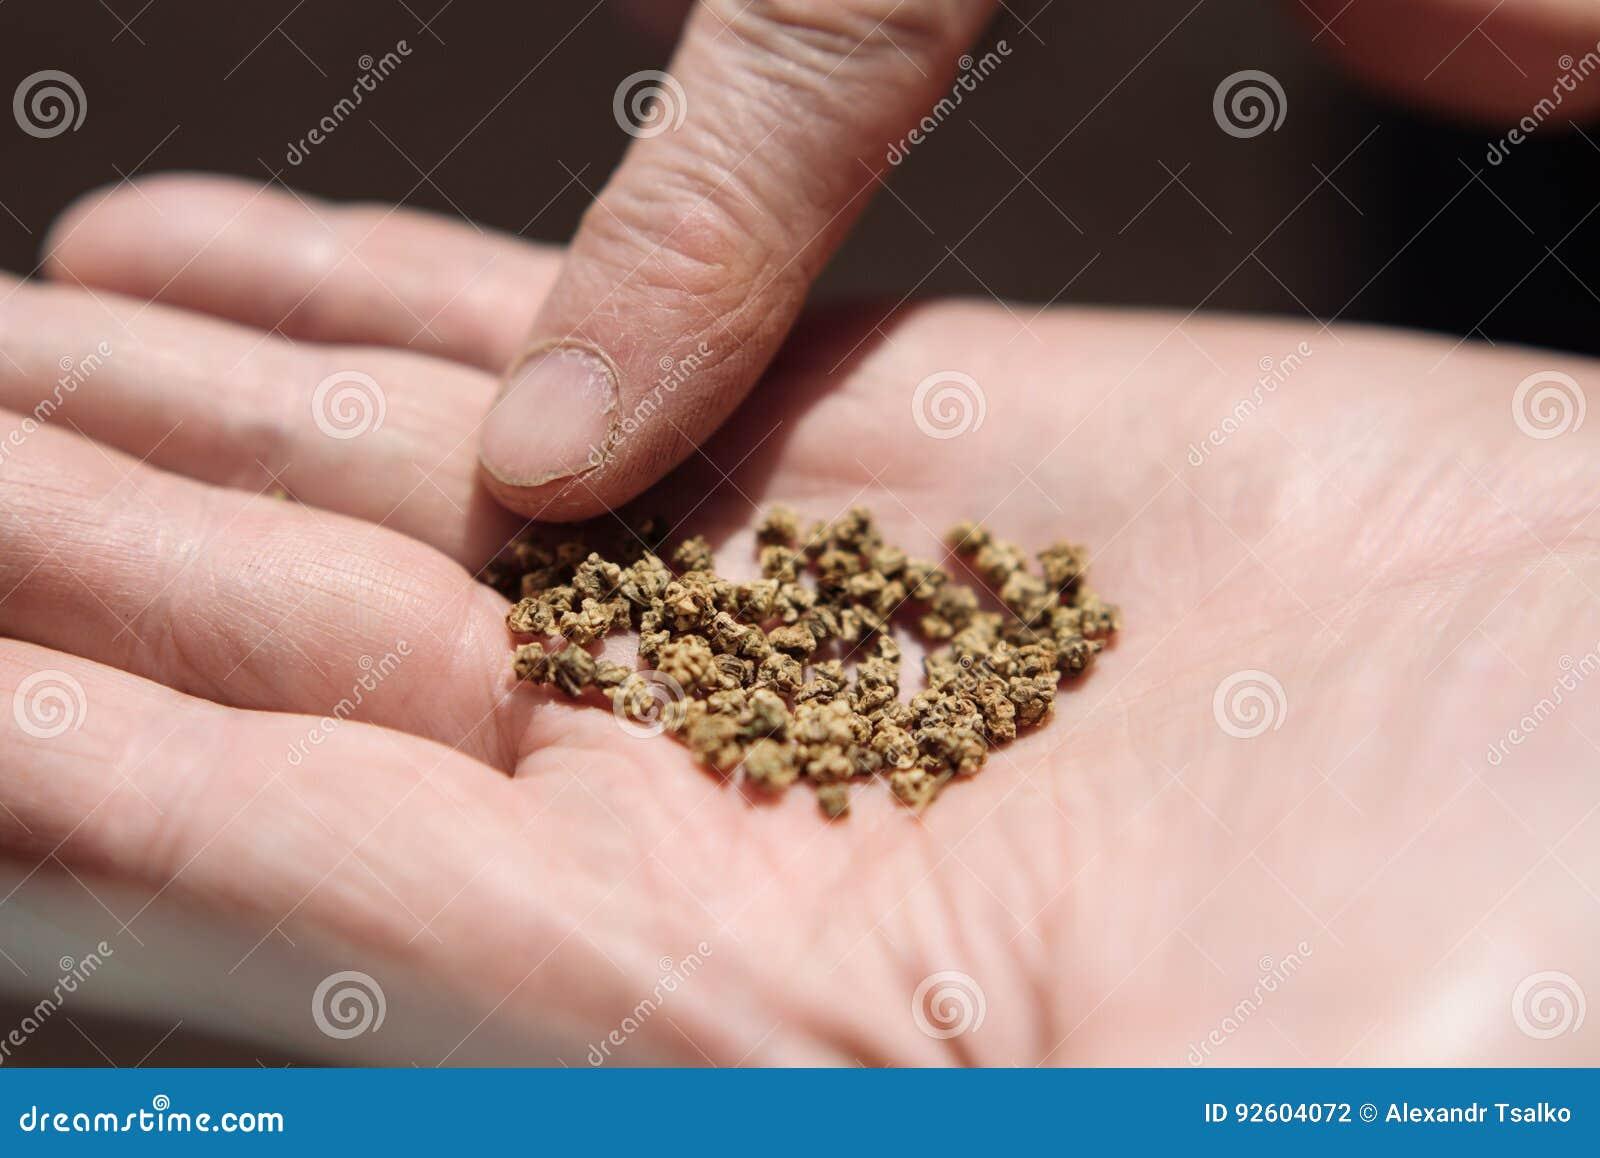 картинка семян на ладони несколько причин